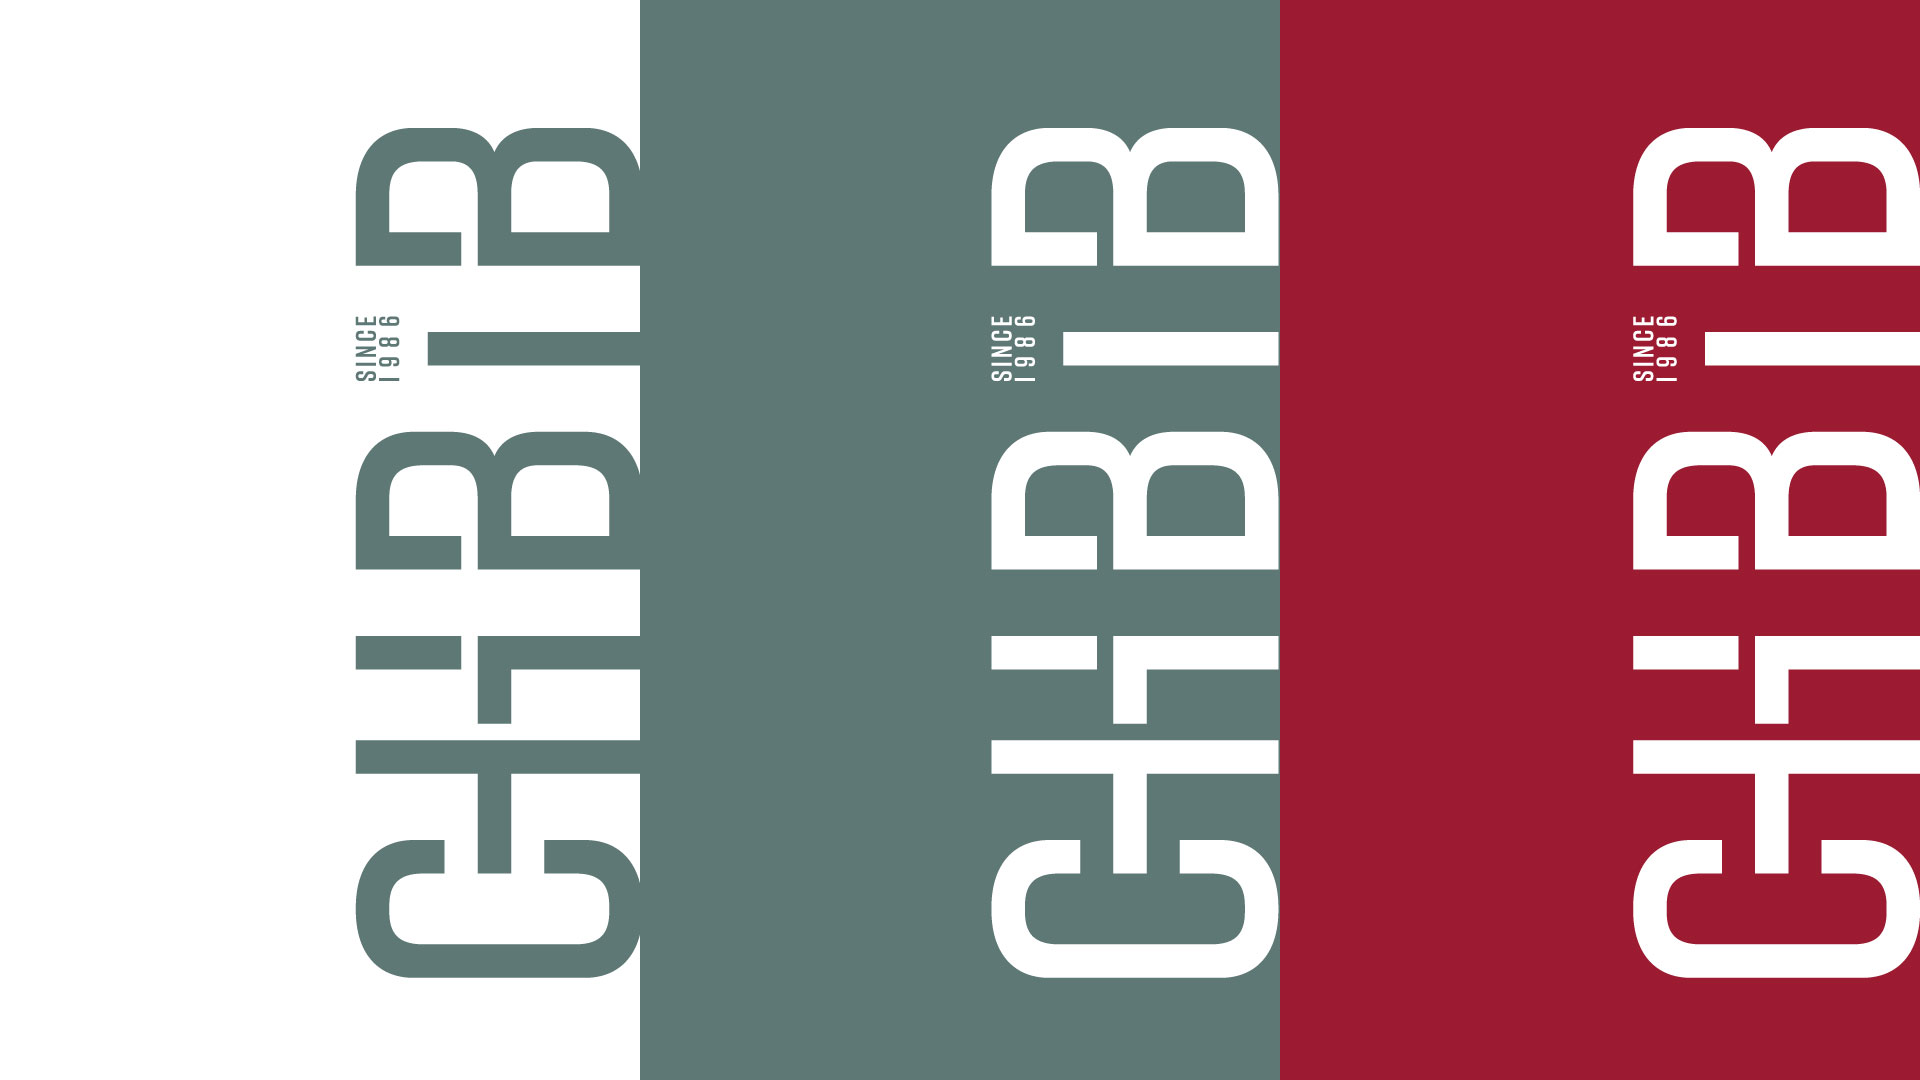 Chbib-Digital-Brandkit-03